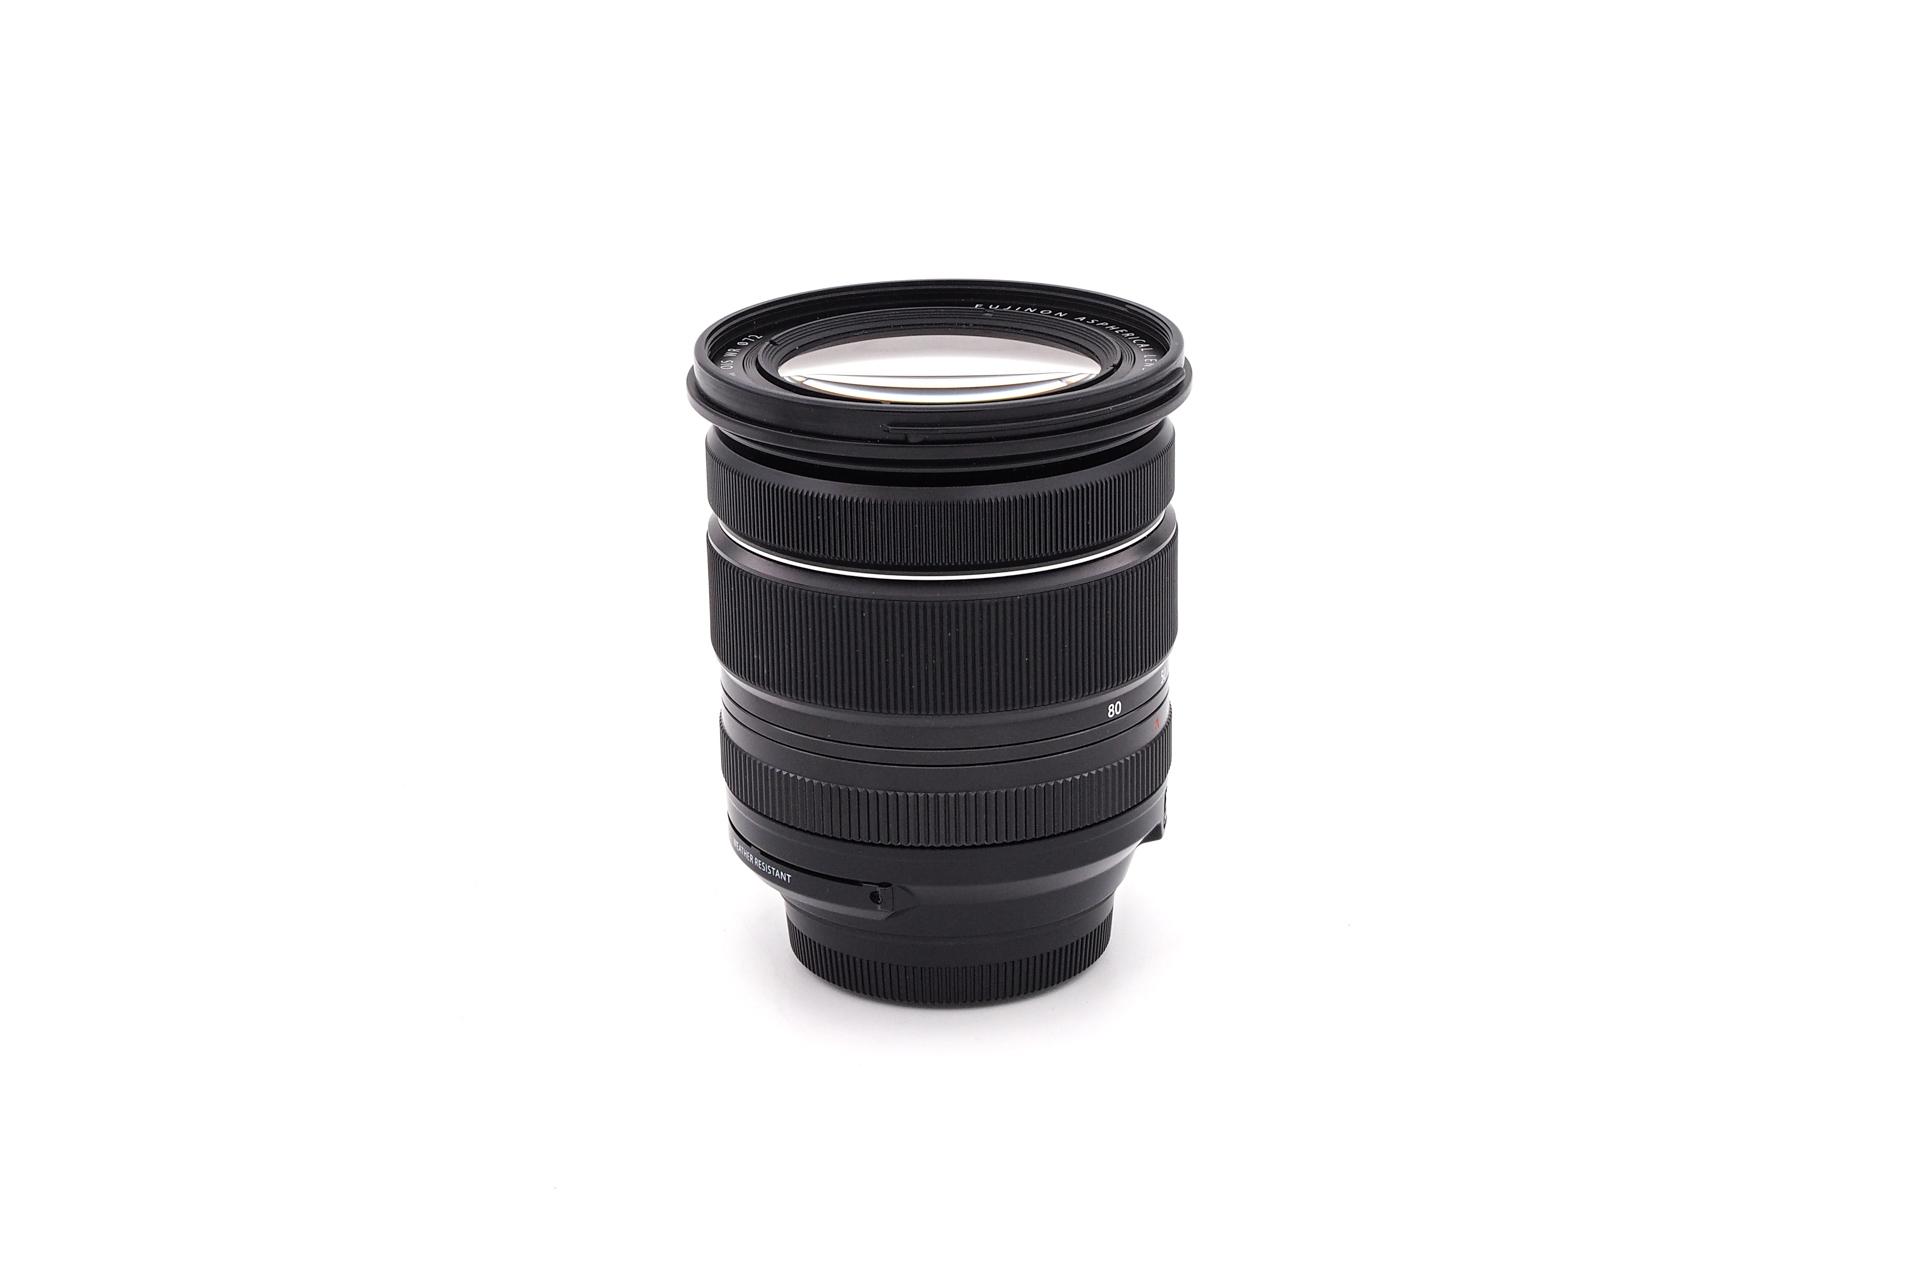 Fujifilm XF 16-80mm F/4